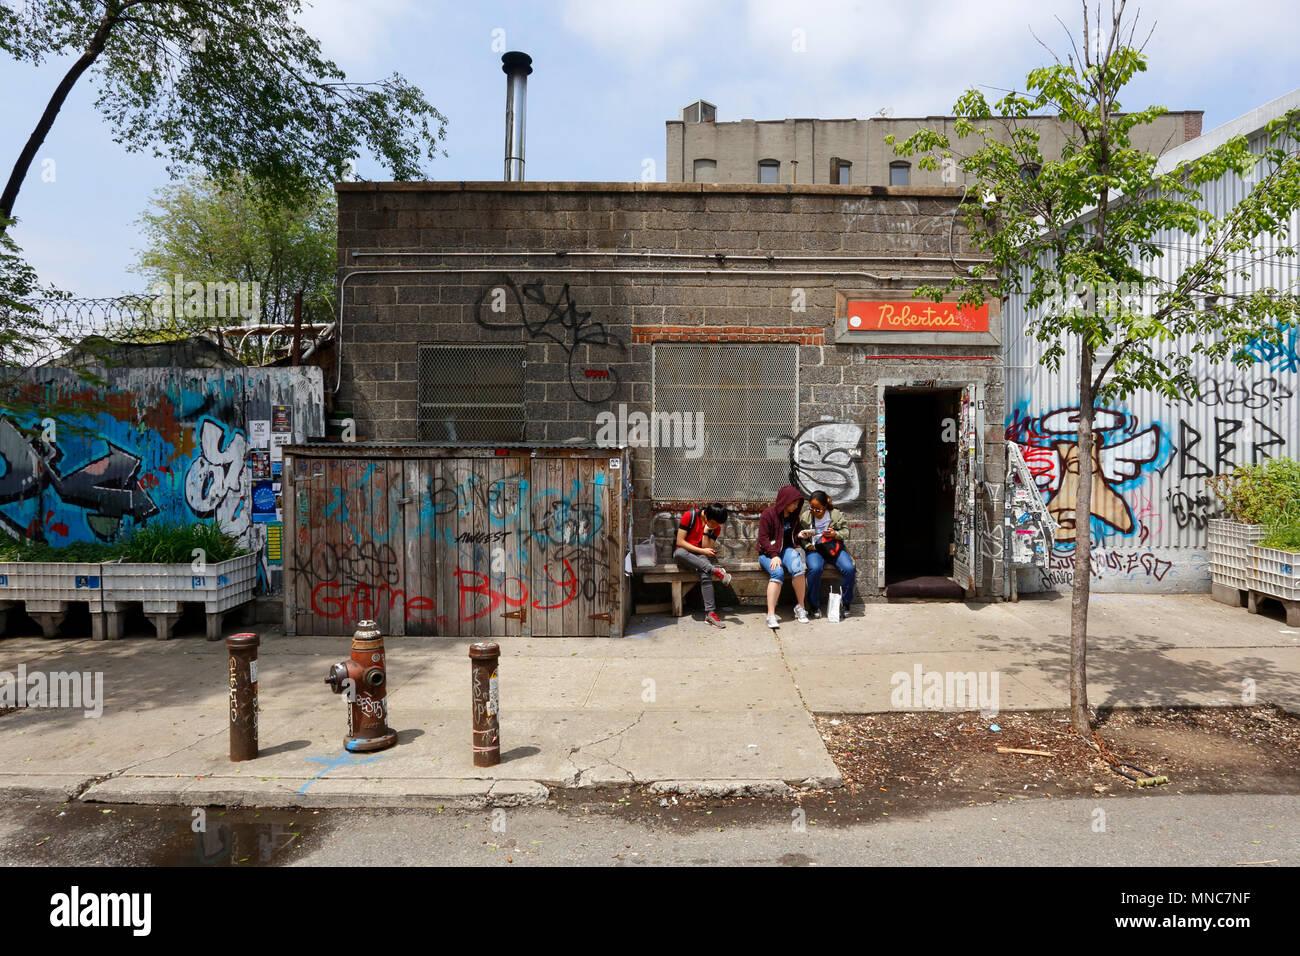 Roberta's, 261 Moore St, Brooklyn, NY - Stock Image